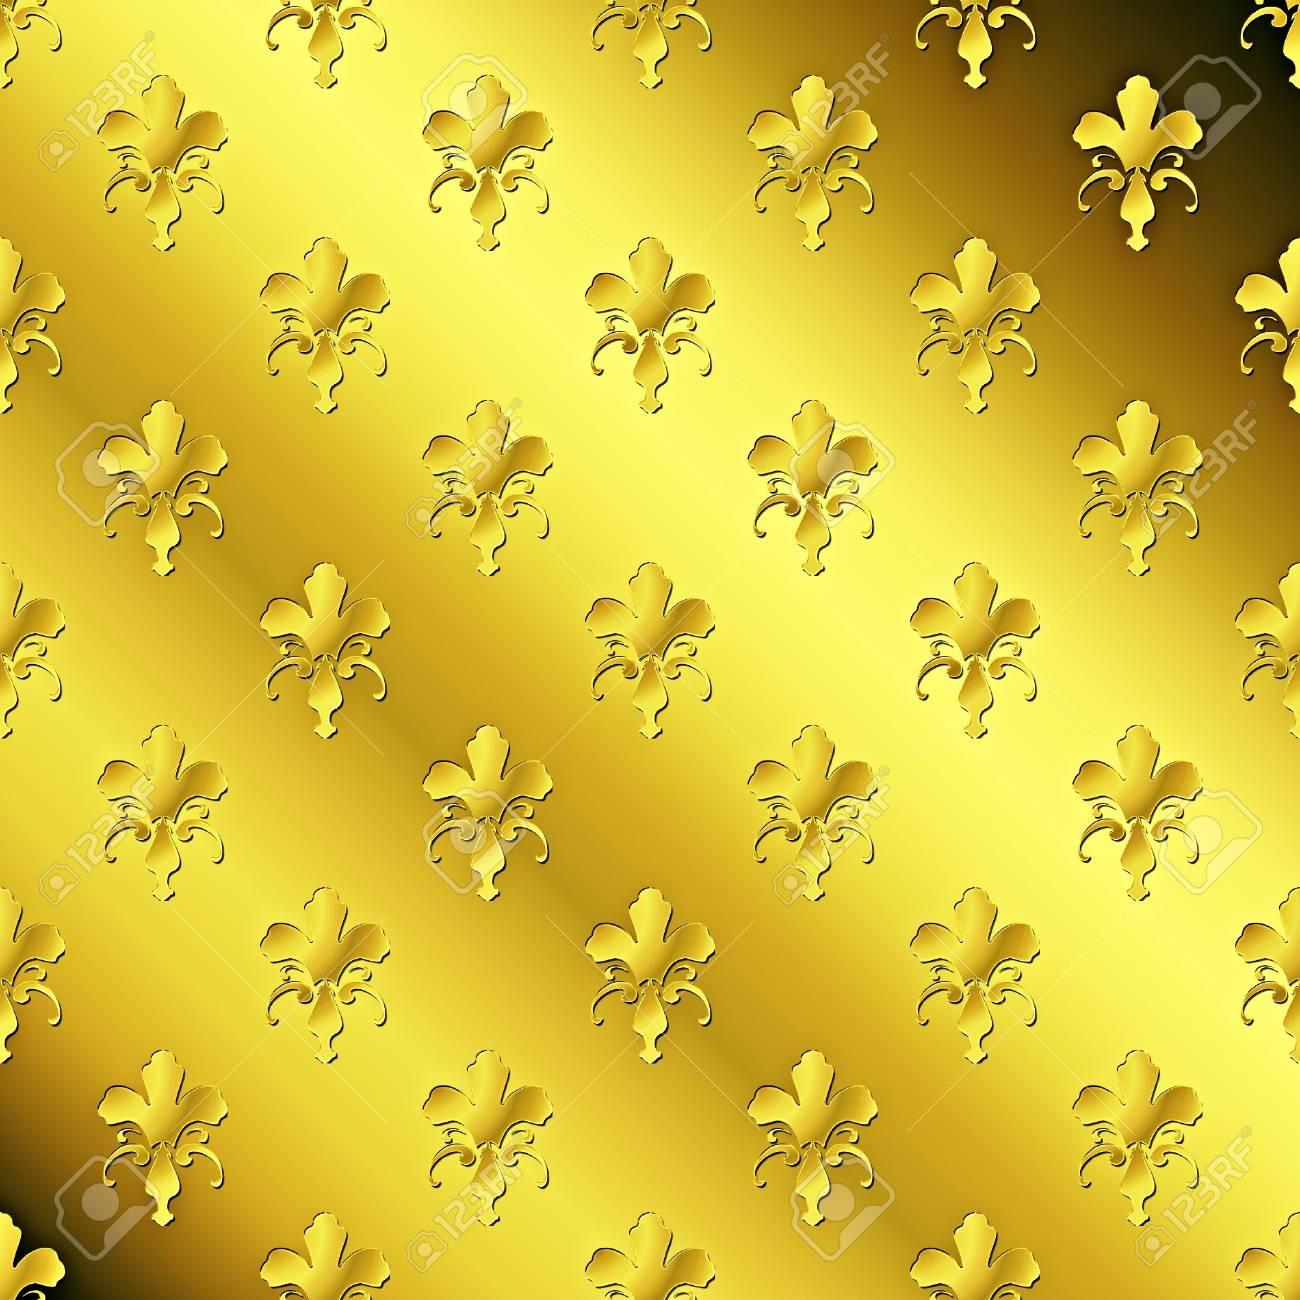 Seamless golden textured pattern Stock Photo - 7750078